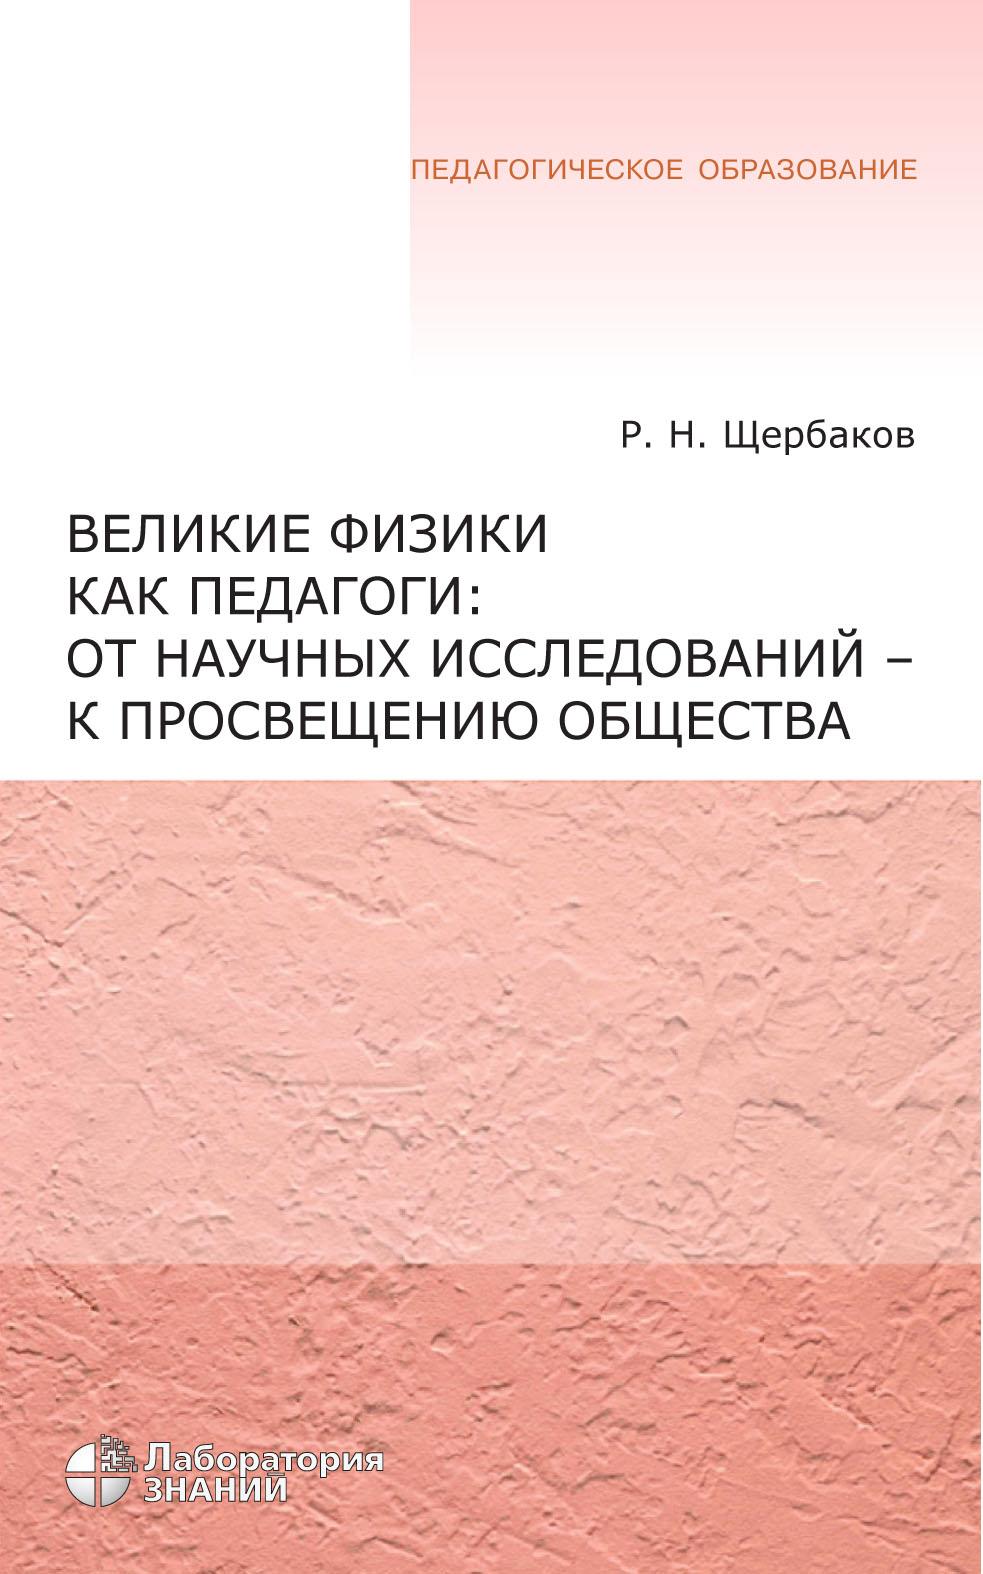 Р. Н. Щербаков Великие физики как педагоги: от научных исследований – к просвещению общества щербаков р пичурин л от проективной геометрии к неевклидовой вокруг абсолюта